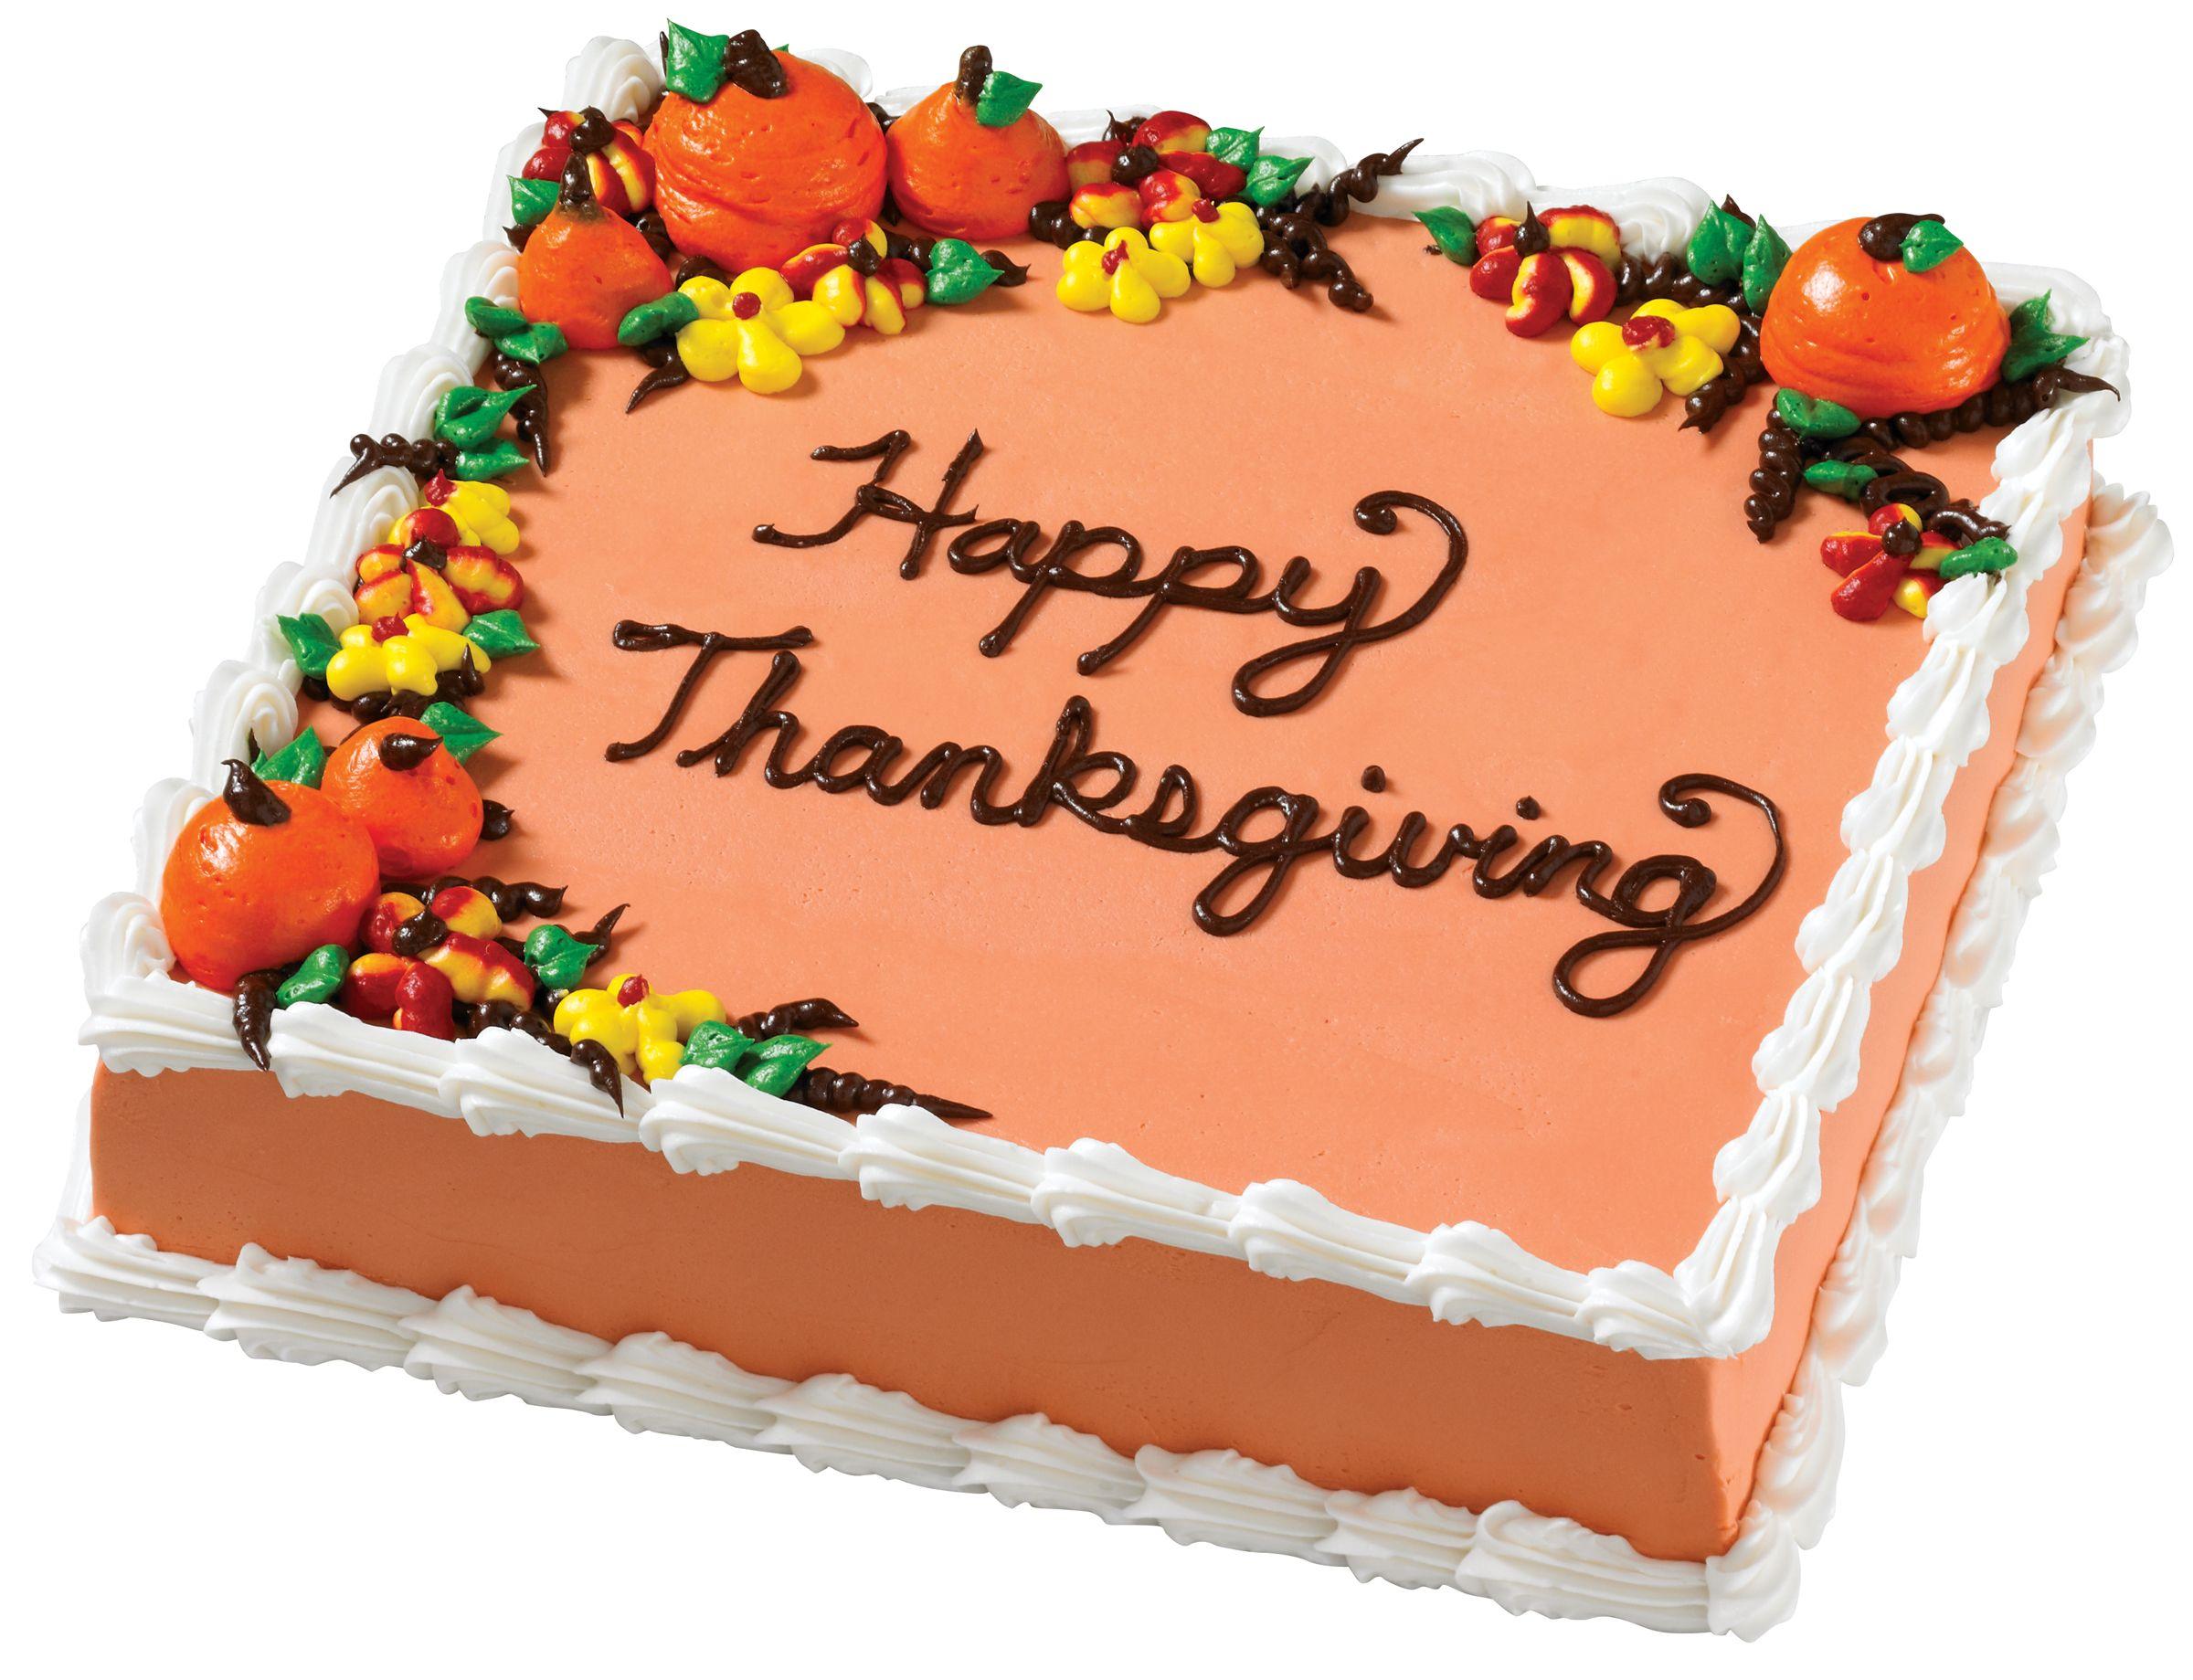 Celebration Cakes Thanksgiving Cakes Decorating Fall Cakes Decorating Holiday Cakes